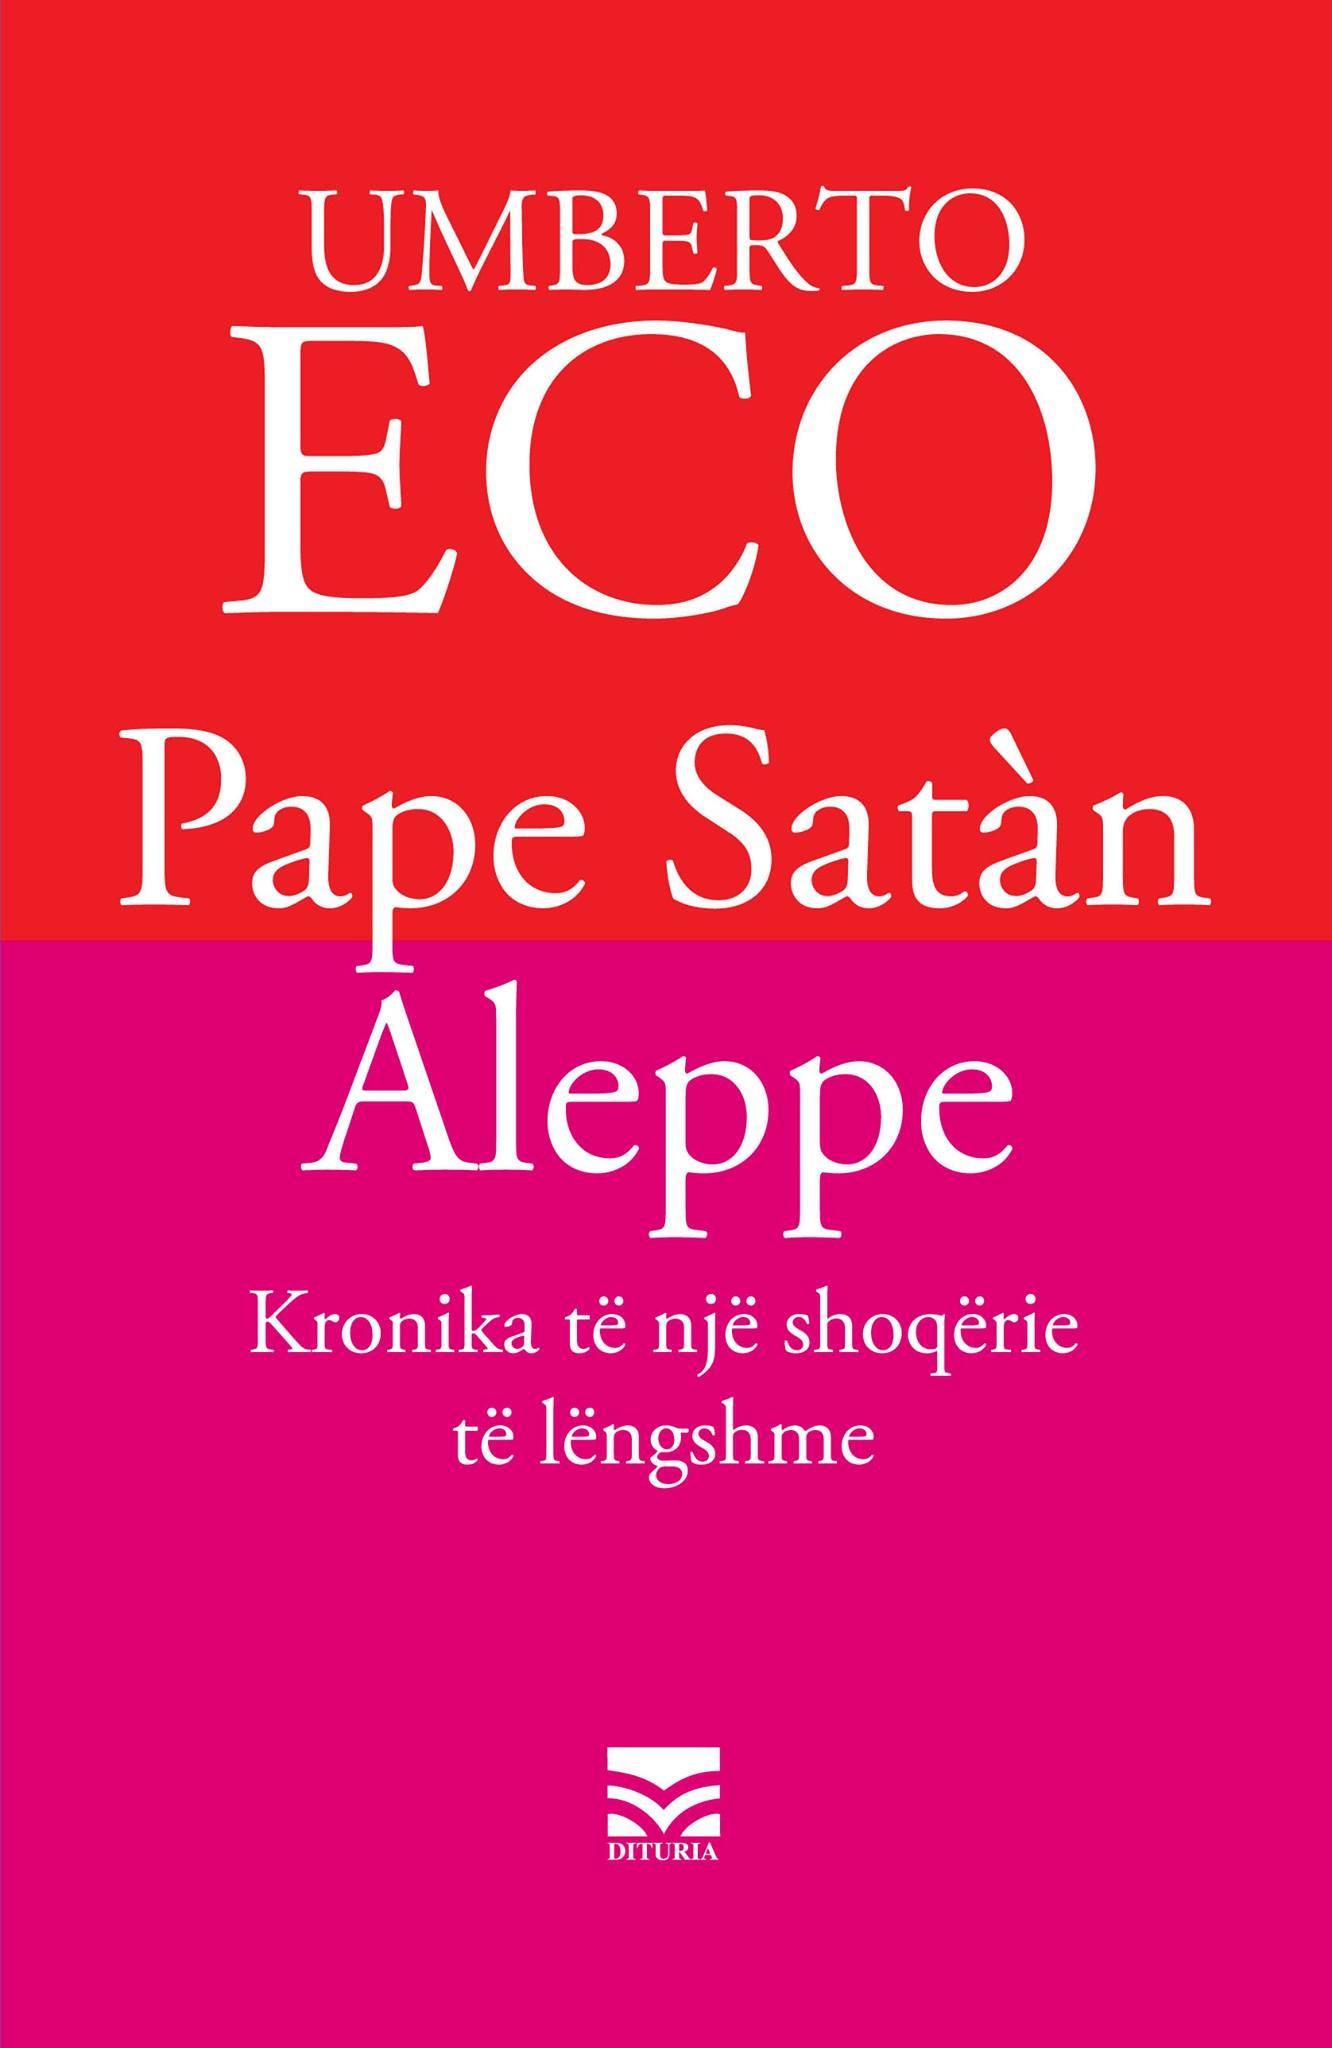 Pape Satan Aleppe – kronika të një shoqërie të lëngshme